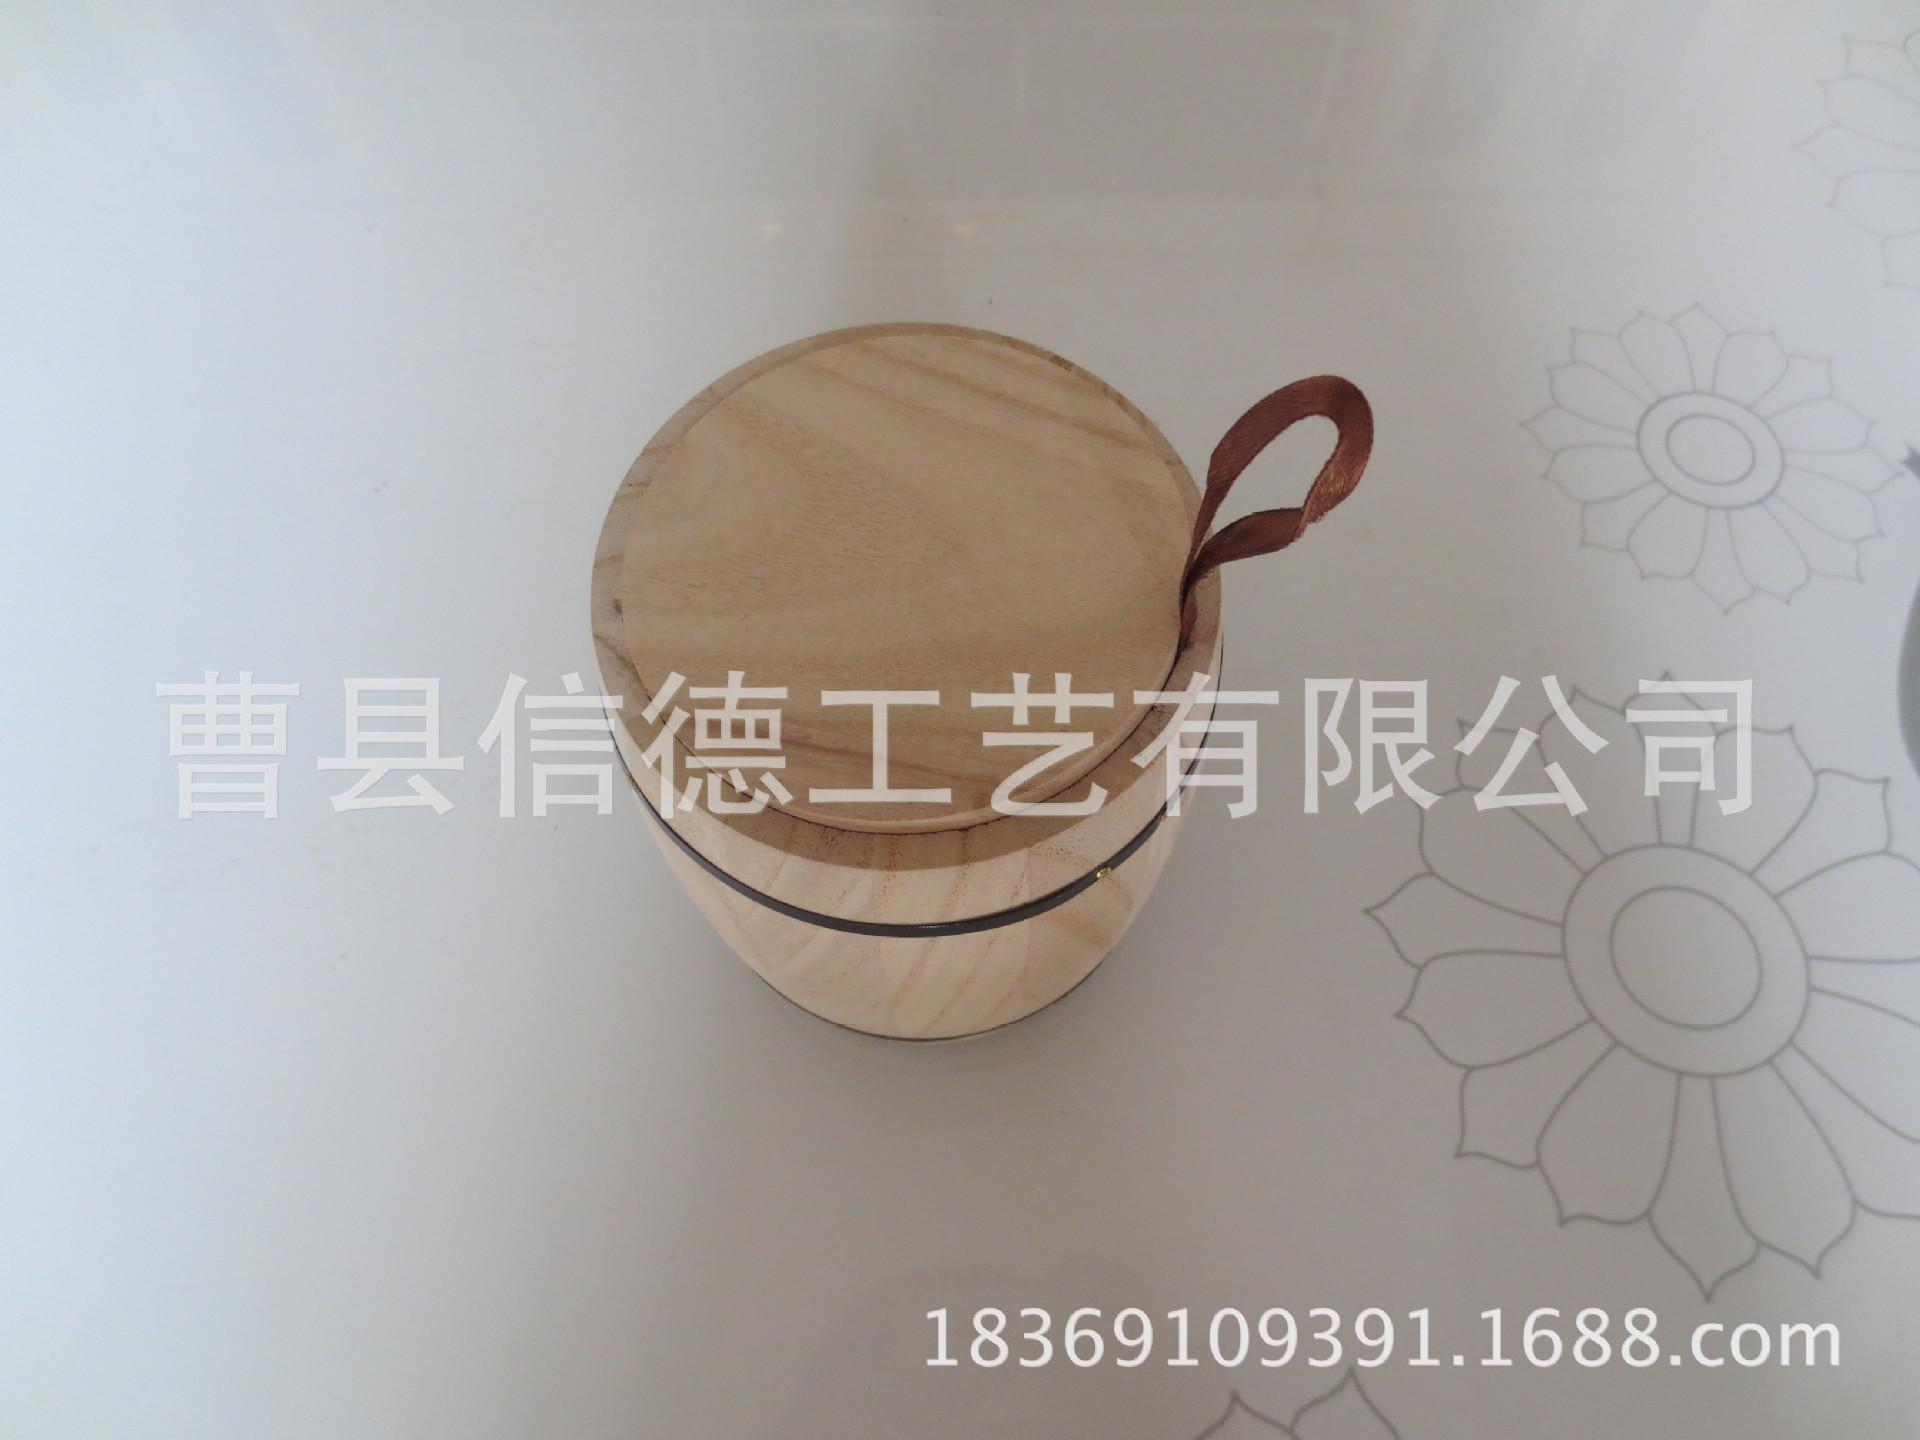 厂家大量批发定制订购桐木茶叶盒木质茶业罐本色茶叶筒